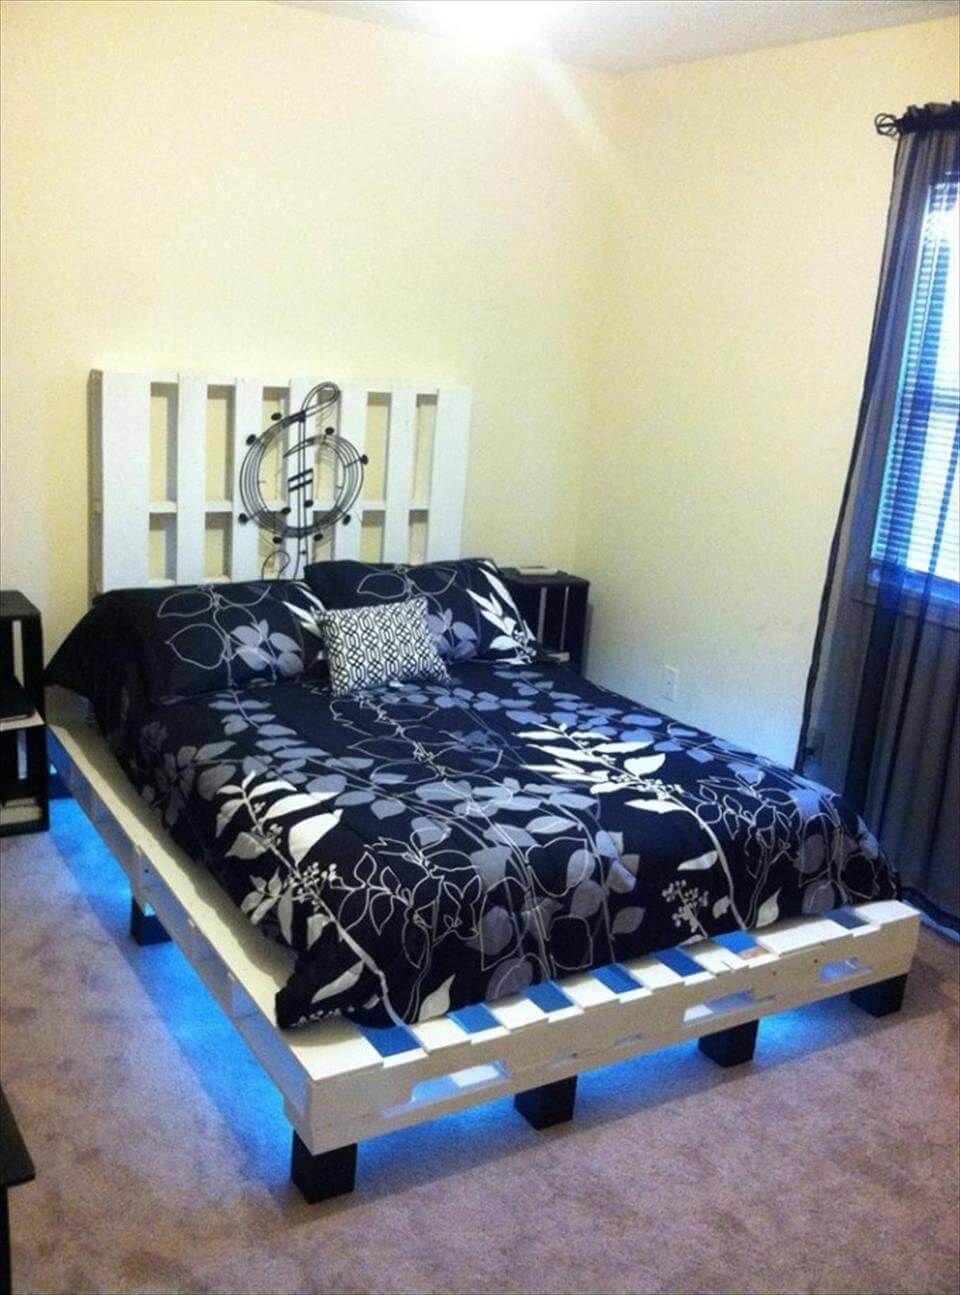 DIY Pallet Platform Bed | 101 Pallets on Bed Pallet Design  id=48282